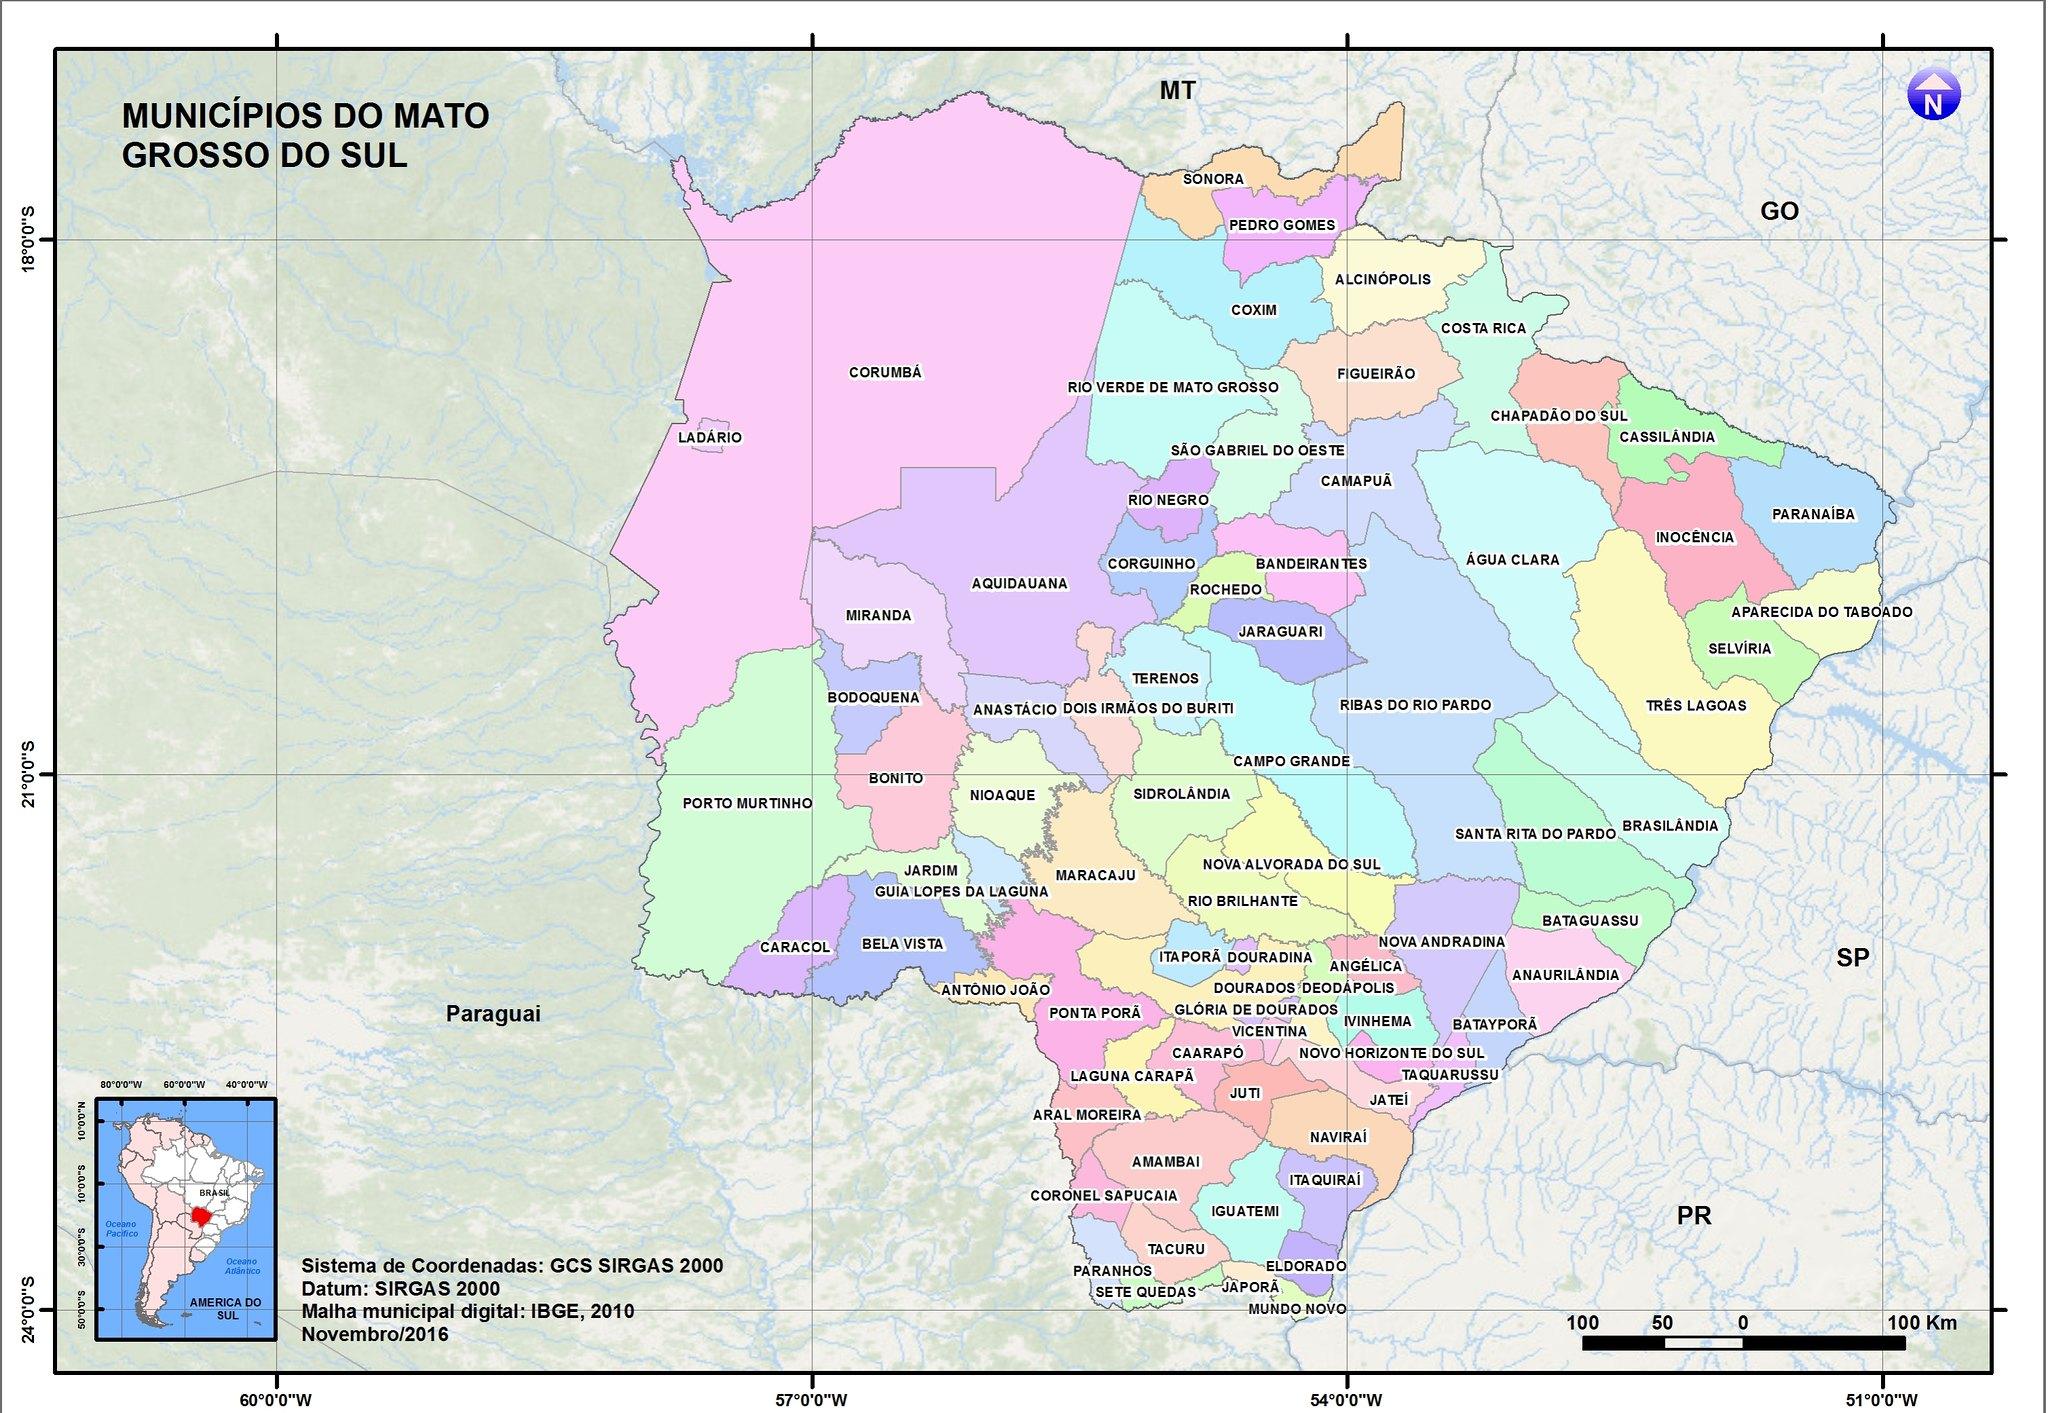 Mato Grosso do Sul poderá ficar mais quente e seco nos próximos 25 anos